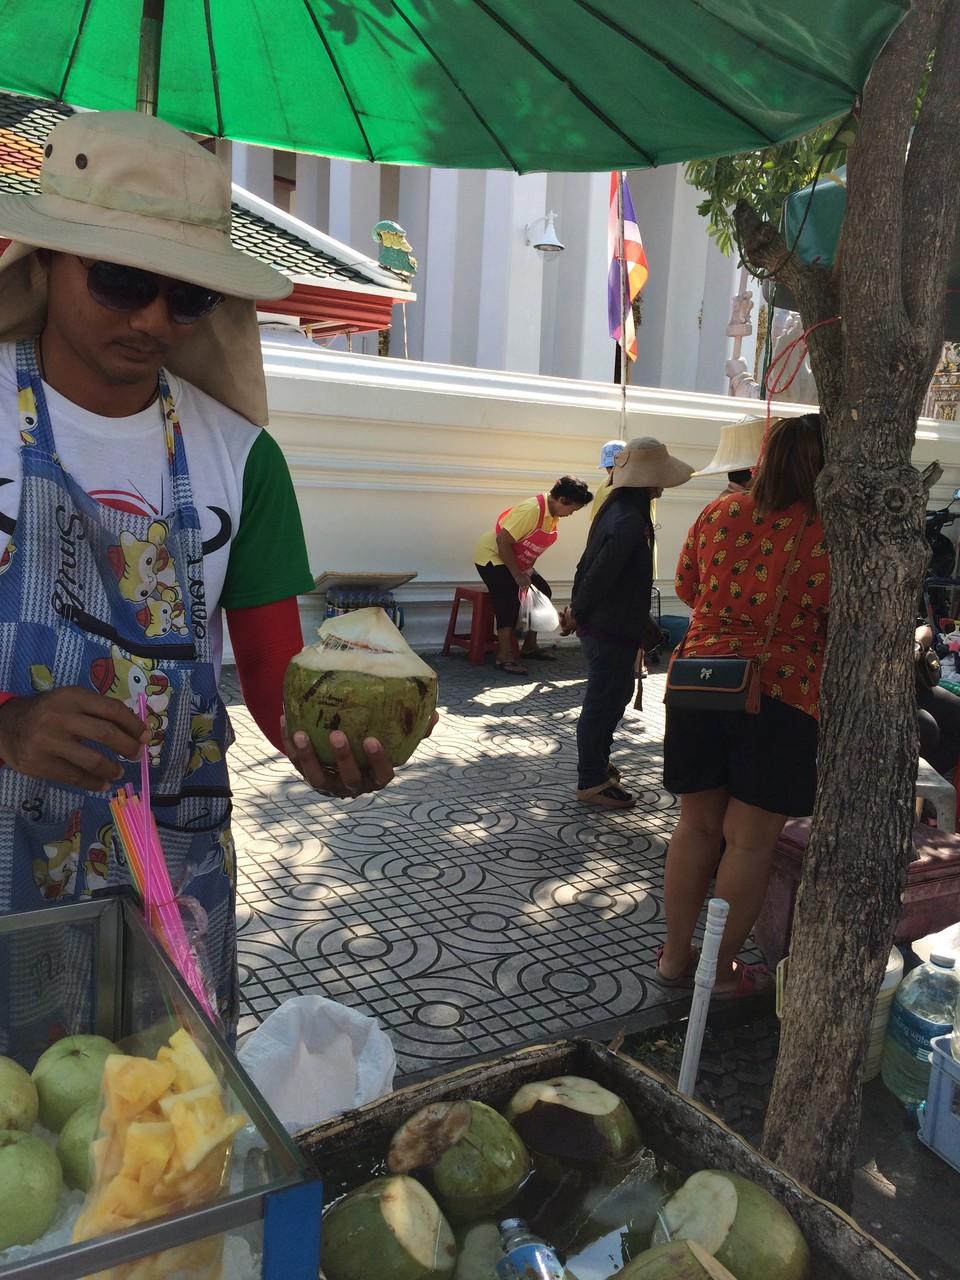 もちろん、ココナッツジュースはココナッツから飲みます。汁を飲んだ後は、スプーンの仕草をすれば果肉を食べるためのスプーンをくれます。